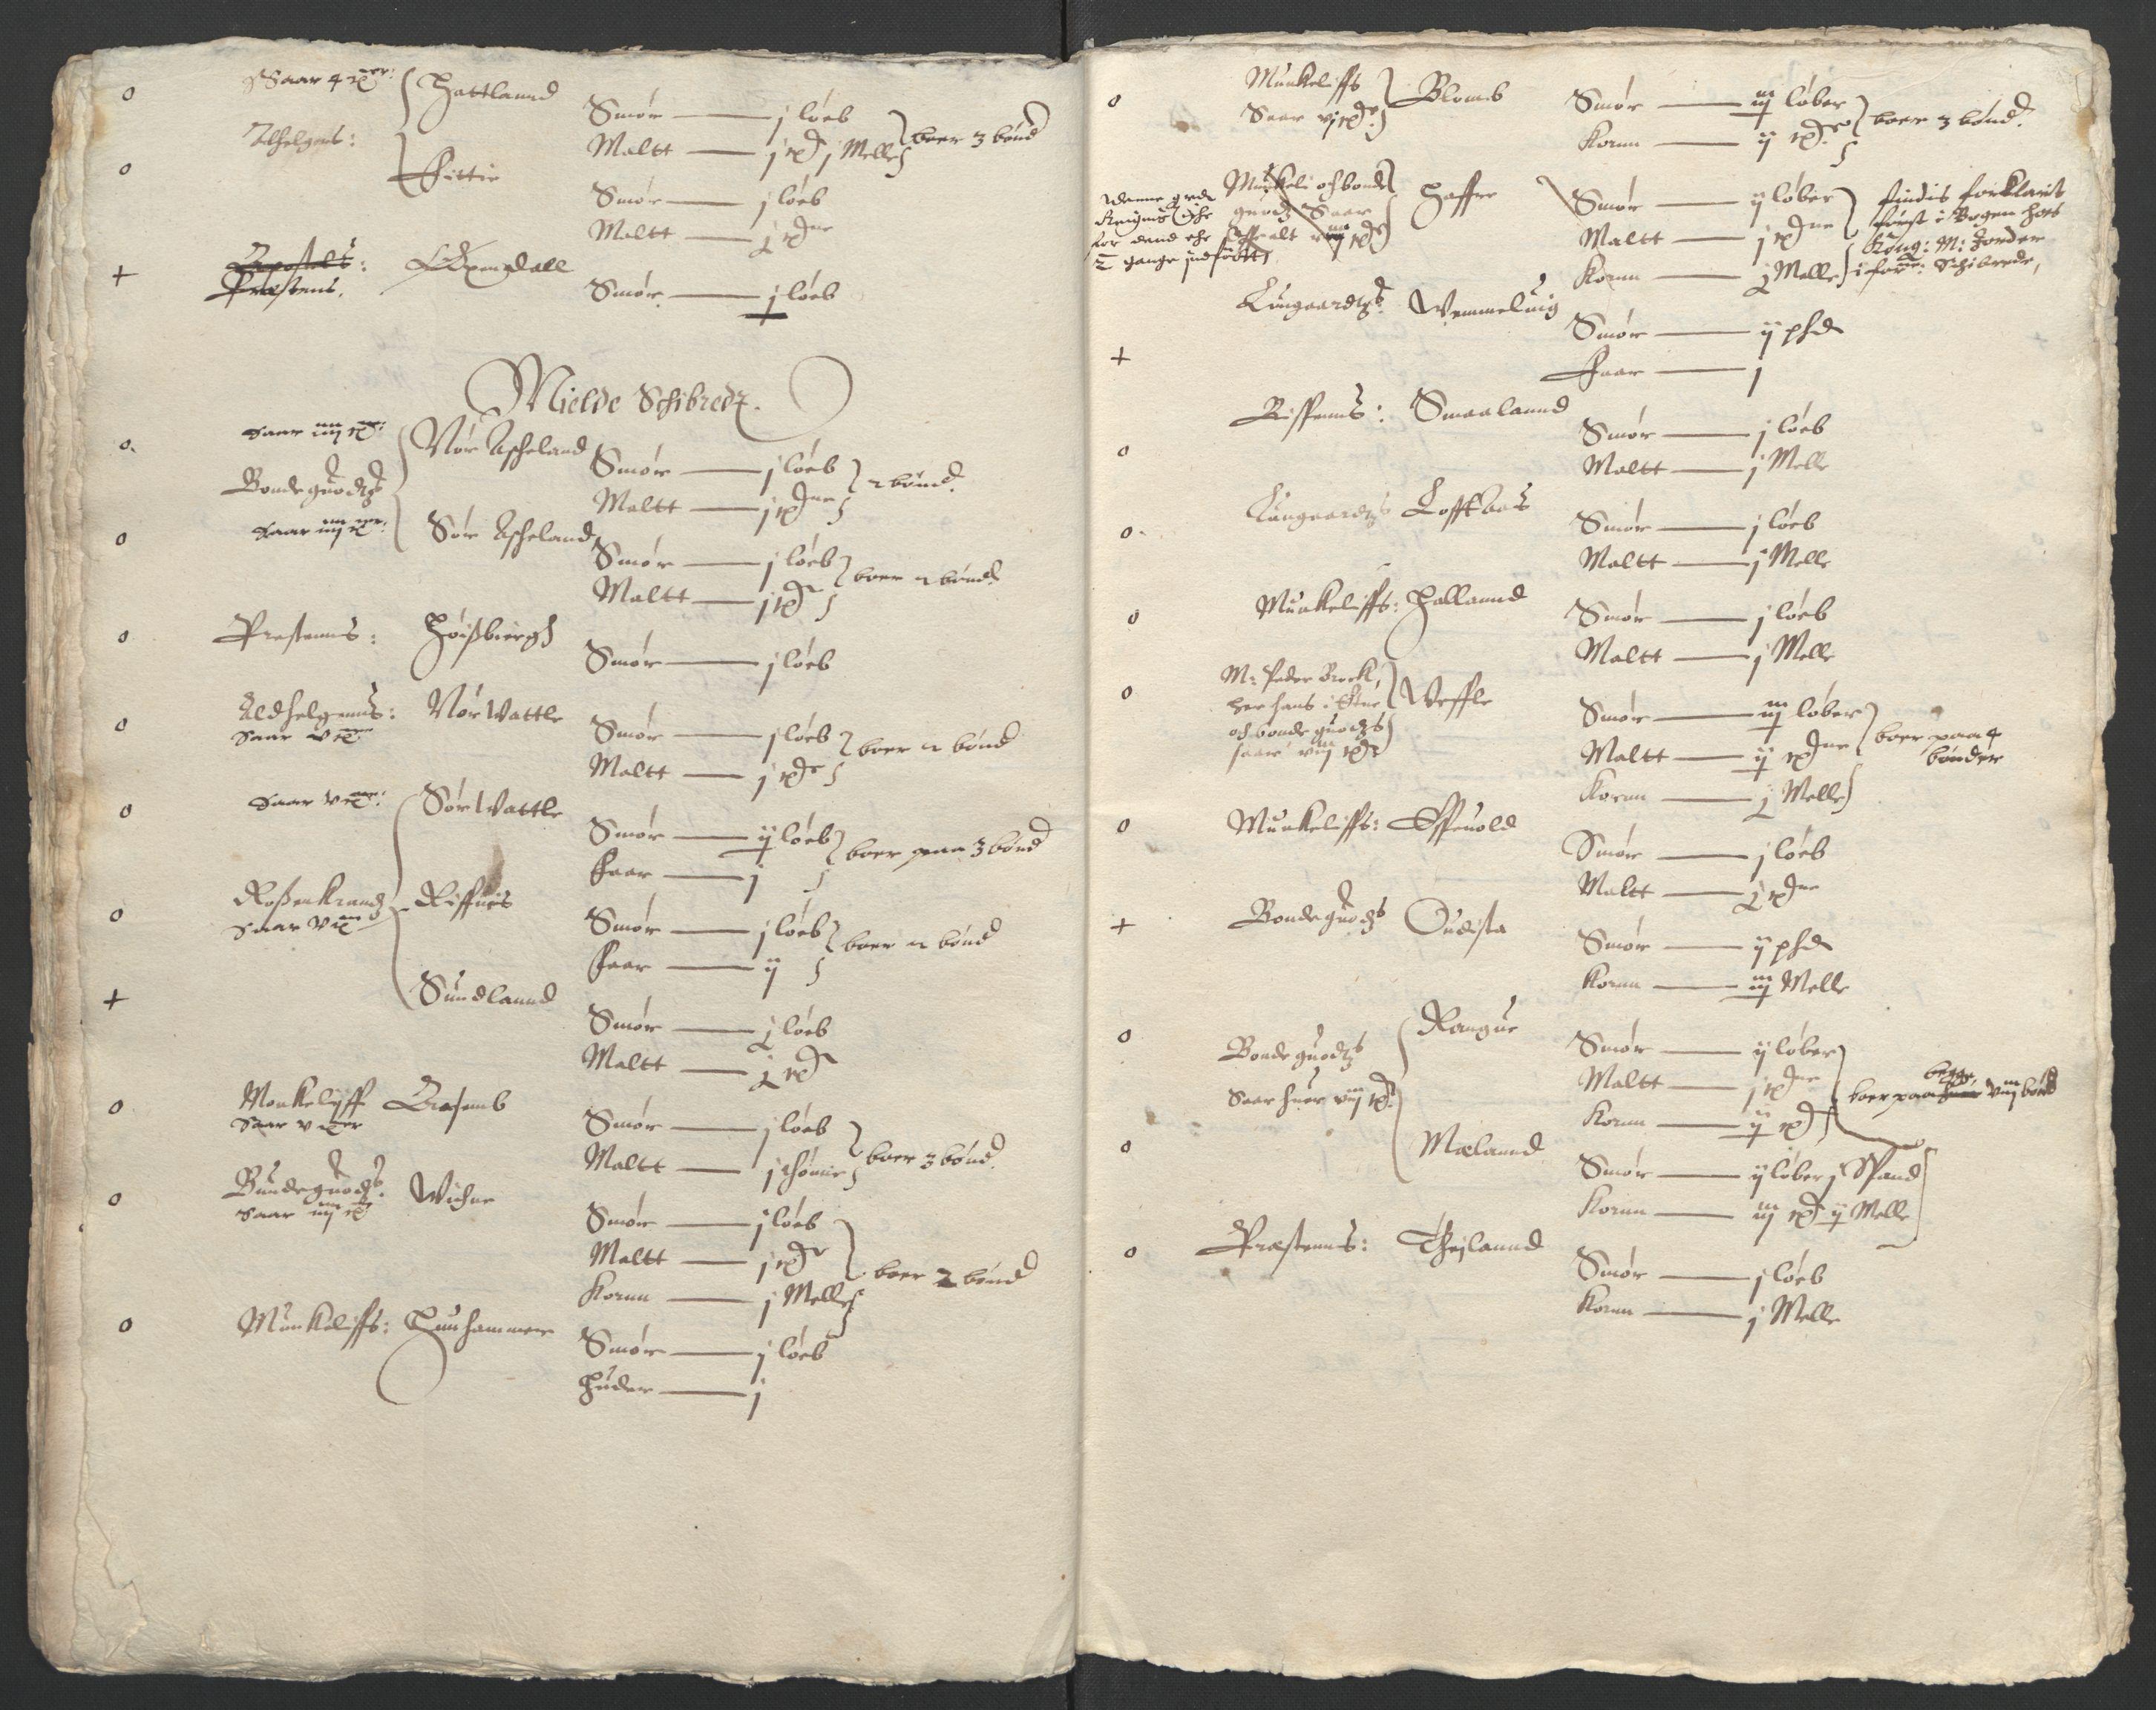 RA, Stattholderembetet 1572-1771, Ek/L0004: Jordebøker til utlikning av garnisonsskatt 1624-1626:, 1626, s. 157